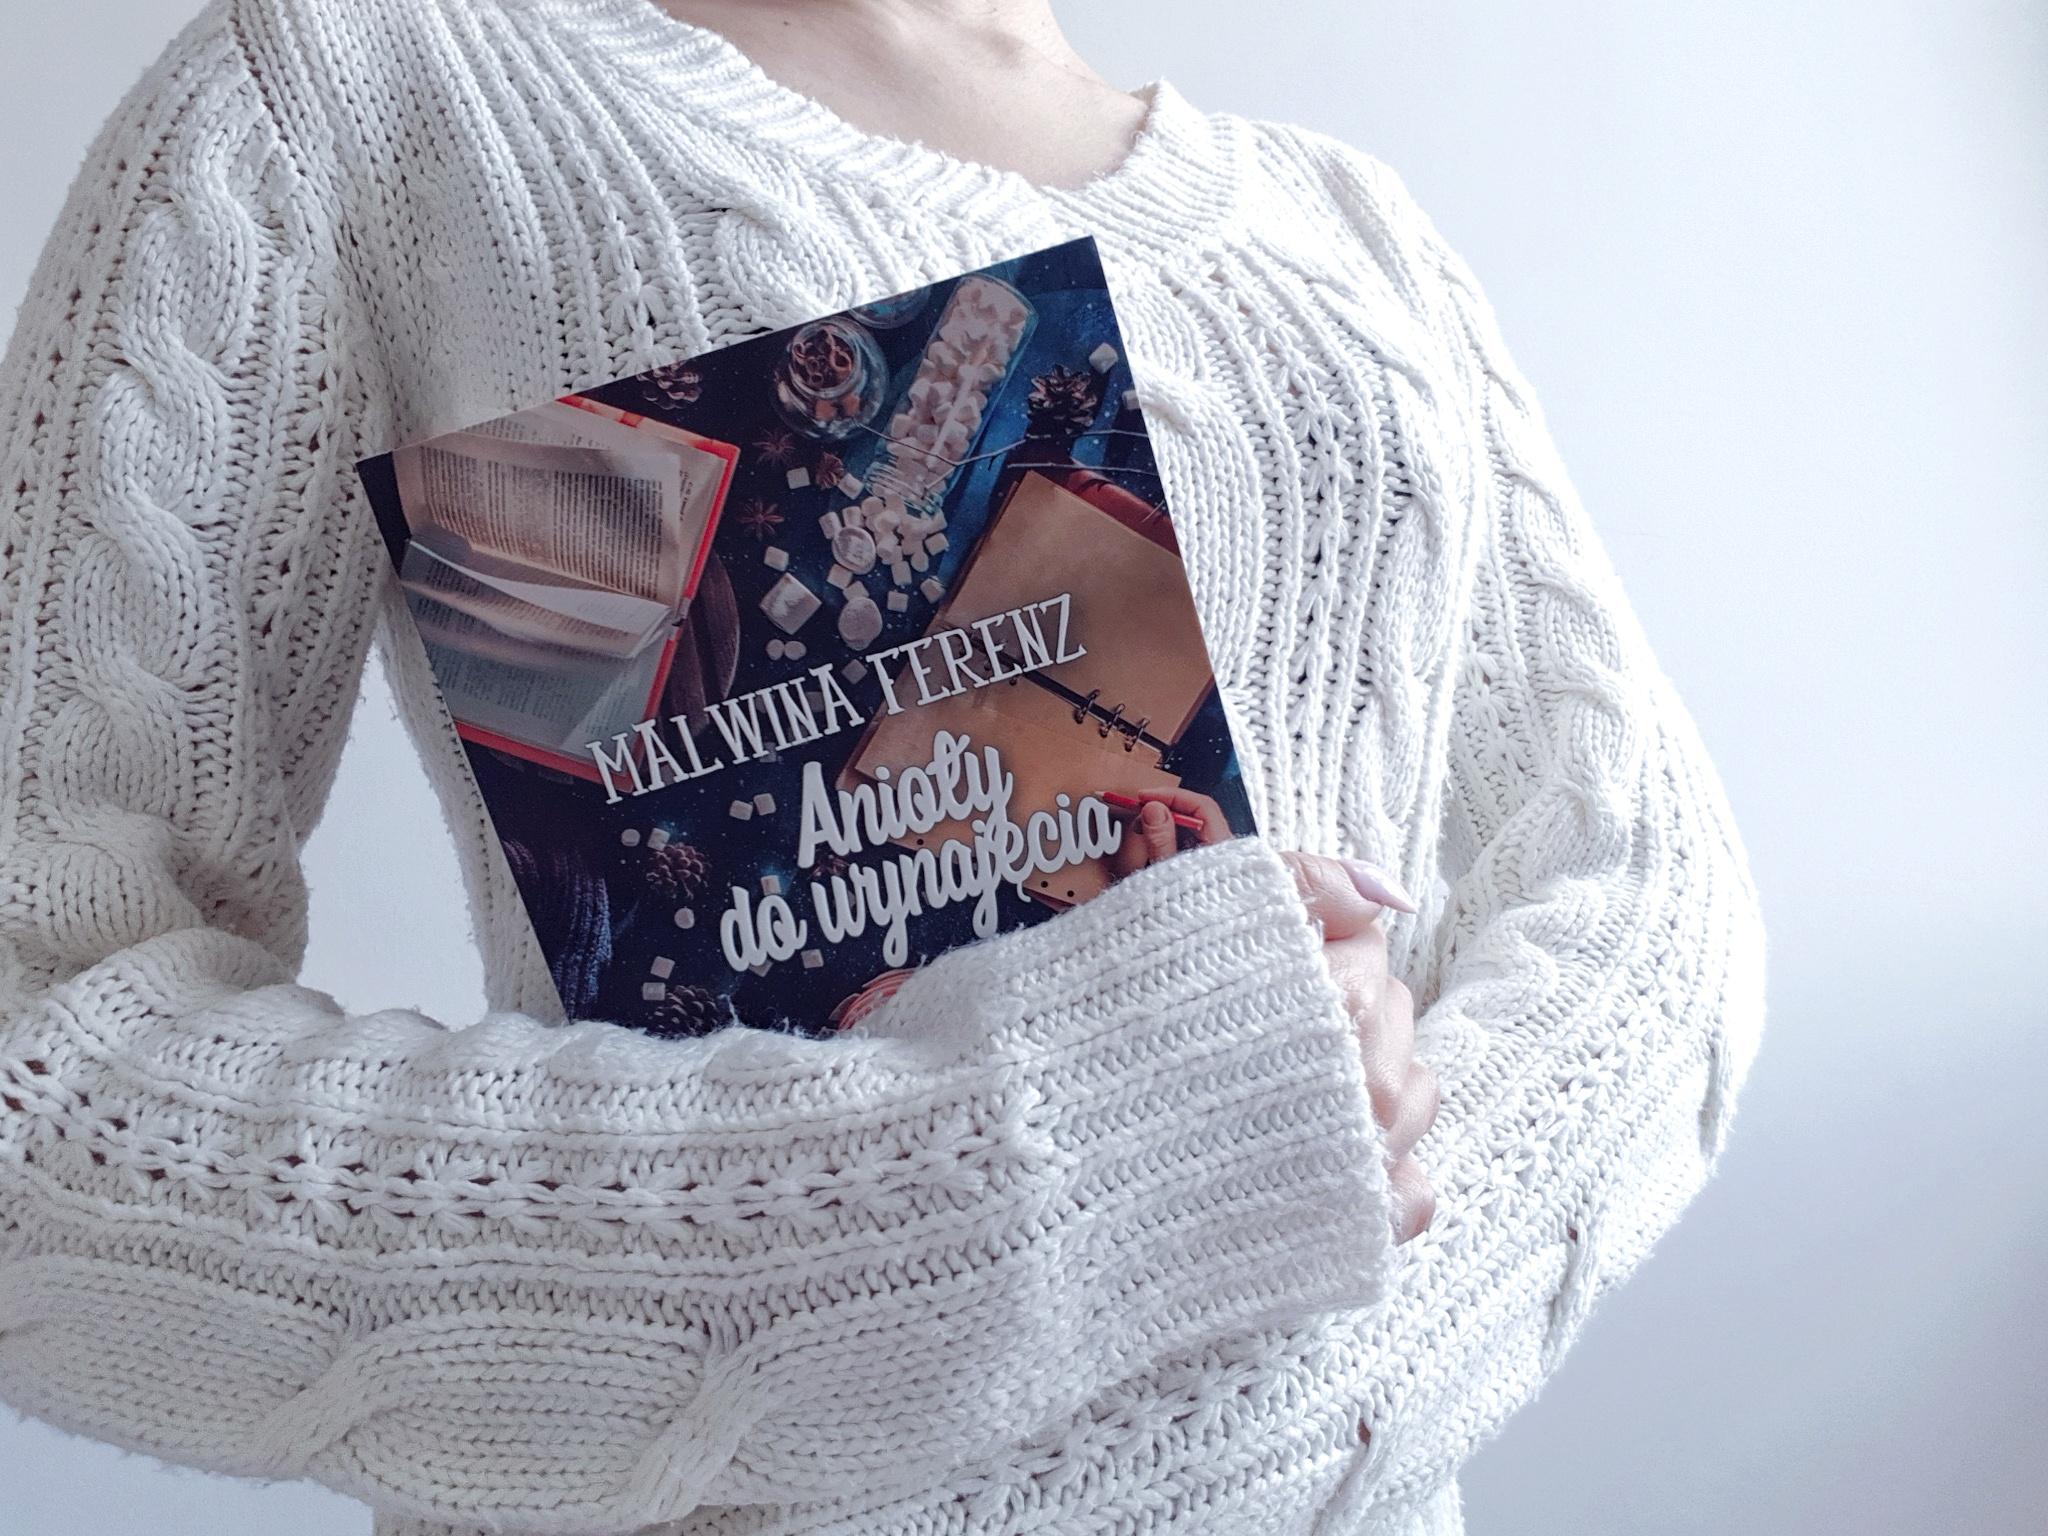 Malwina Ferenz – Anioły do wynajęcia